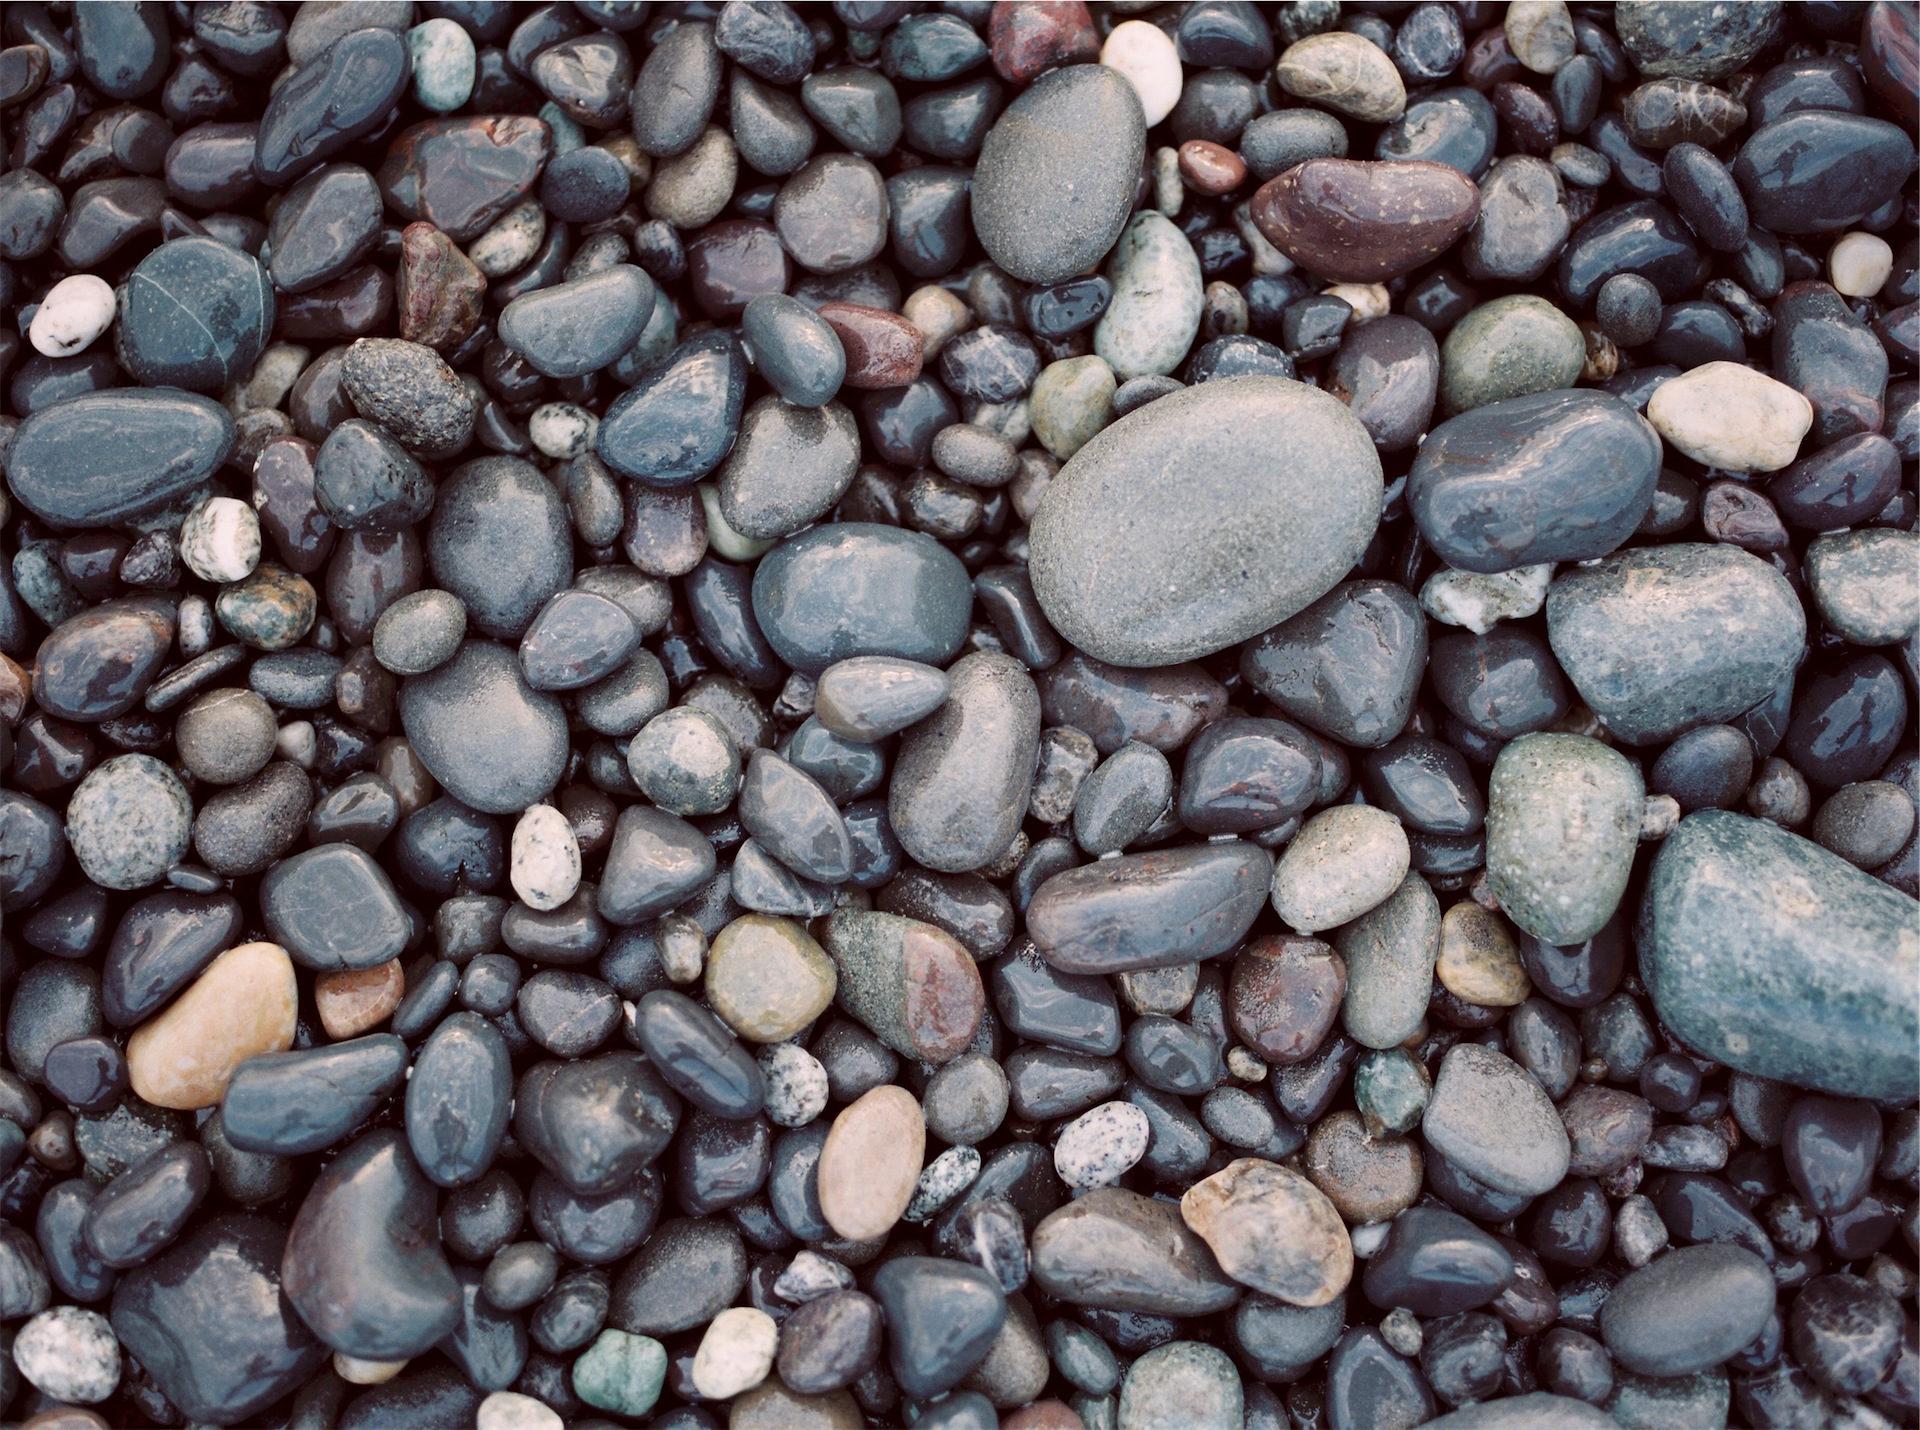 Steinen, Strand, Wasser, Chaos, Formen - Wallpaper HD - Prof.-falken.com